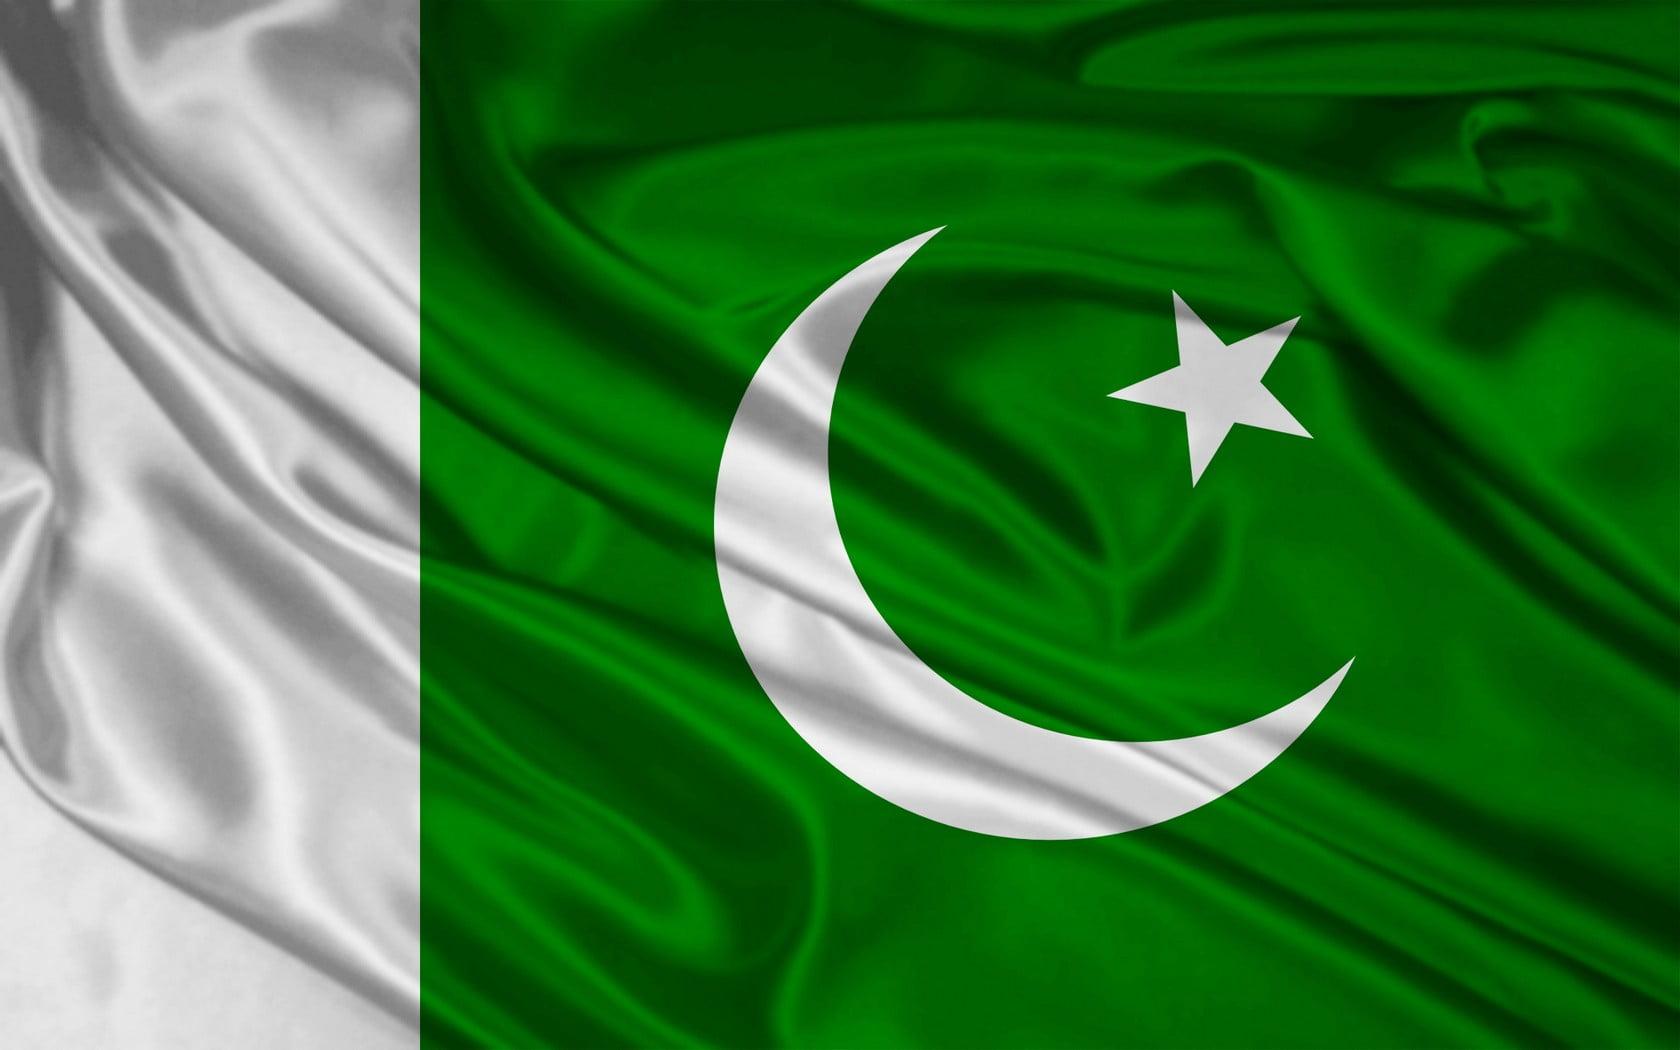 پاکستان - سیاست پاکستان در قبال اشغال سرزمین های مسلمانان